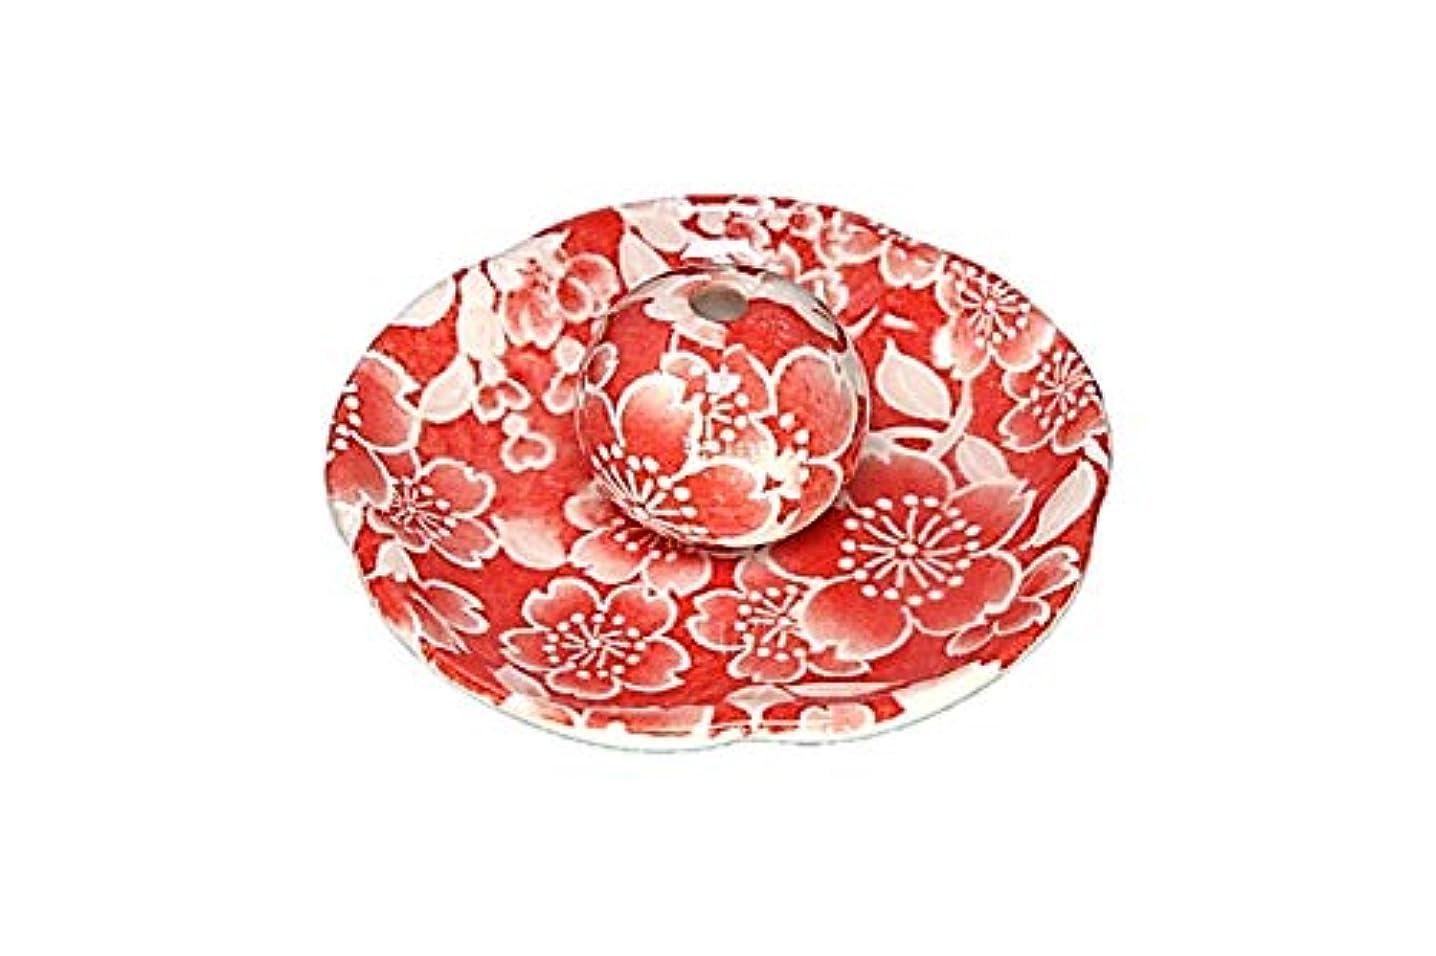 無駄に経済である桜友禅 赤 花形香皿 お香立て お香たて 日本製 ACSWEBSHOPオリジナル